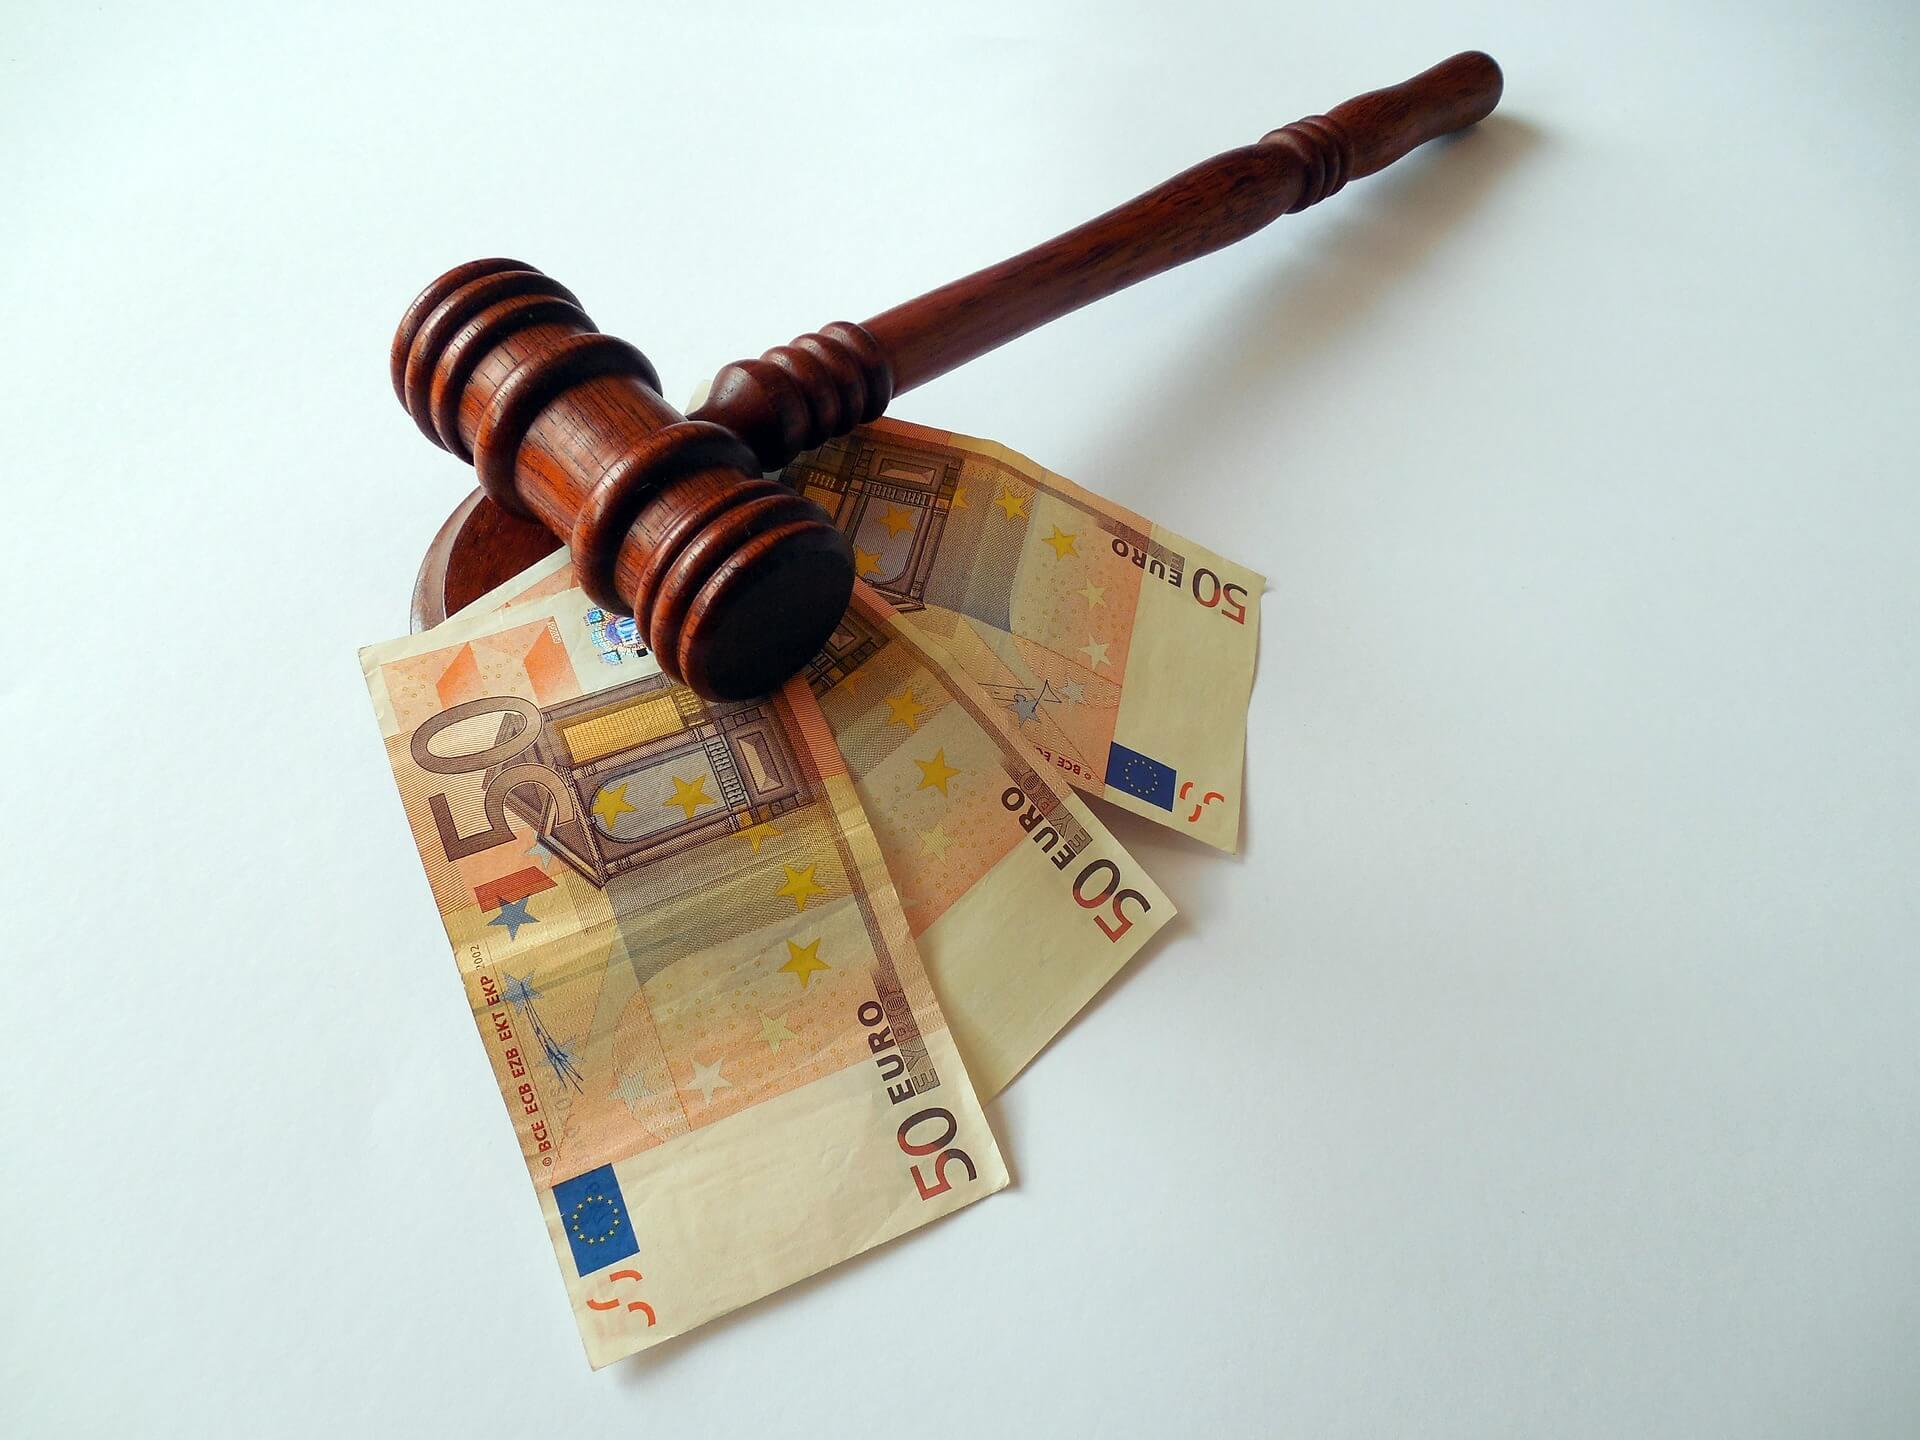 pinigai-kompensacija-teismo-sprendimas.jpg